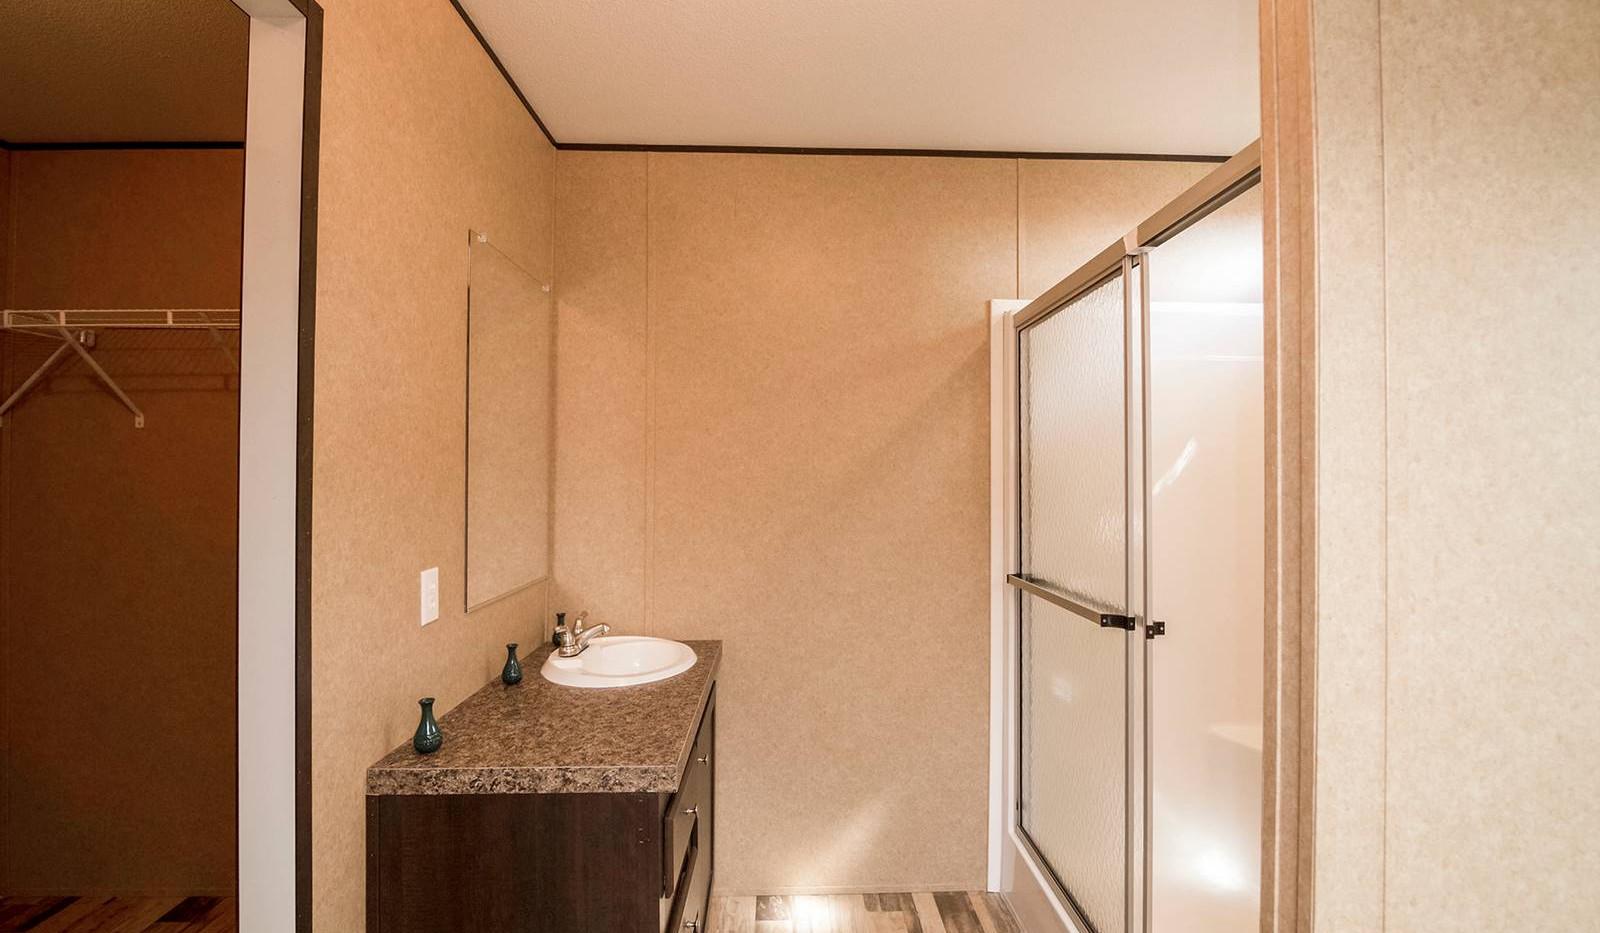 9-puebla-master-bath-1-copy-1600x1067.jp